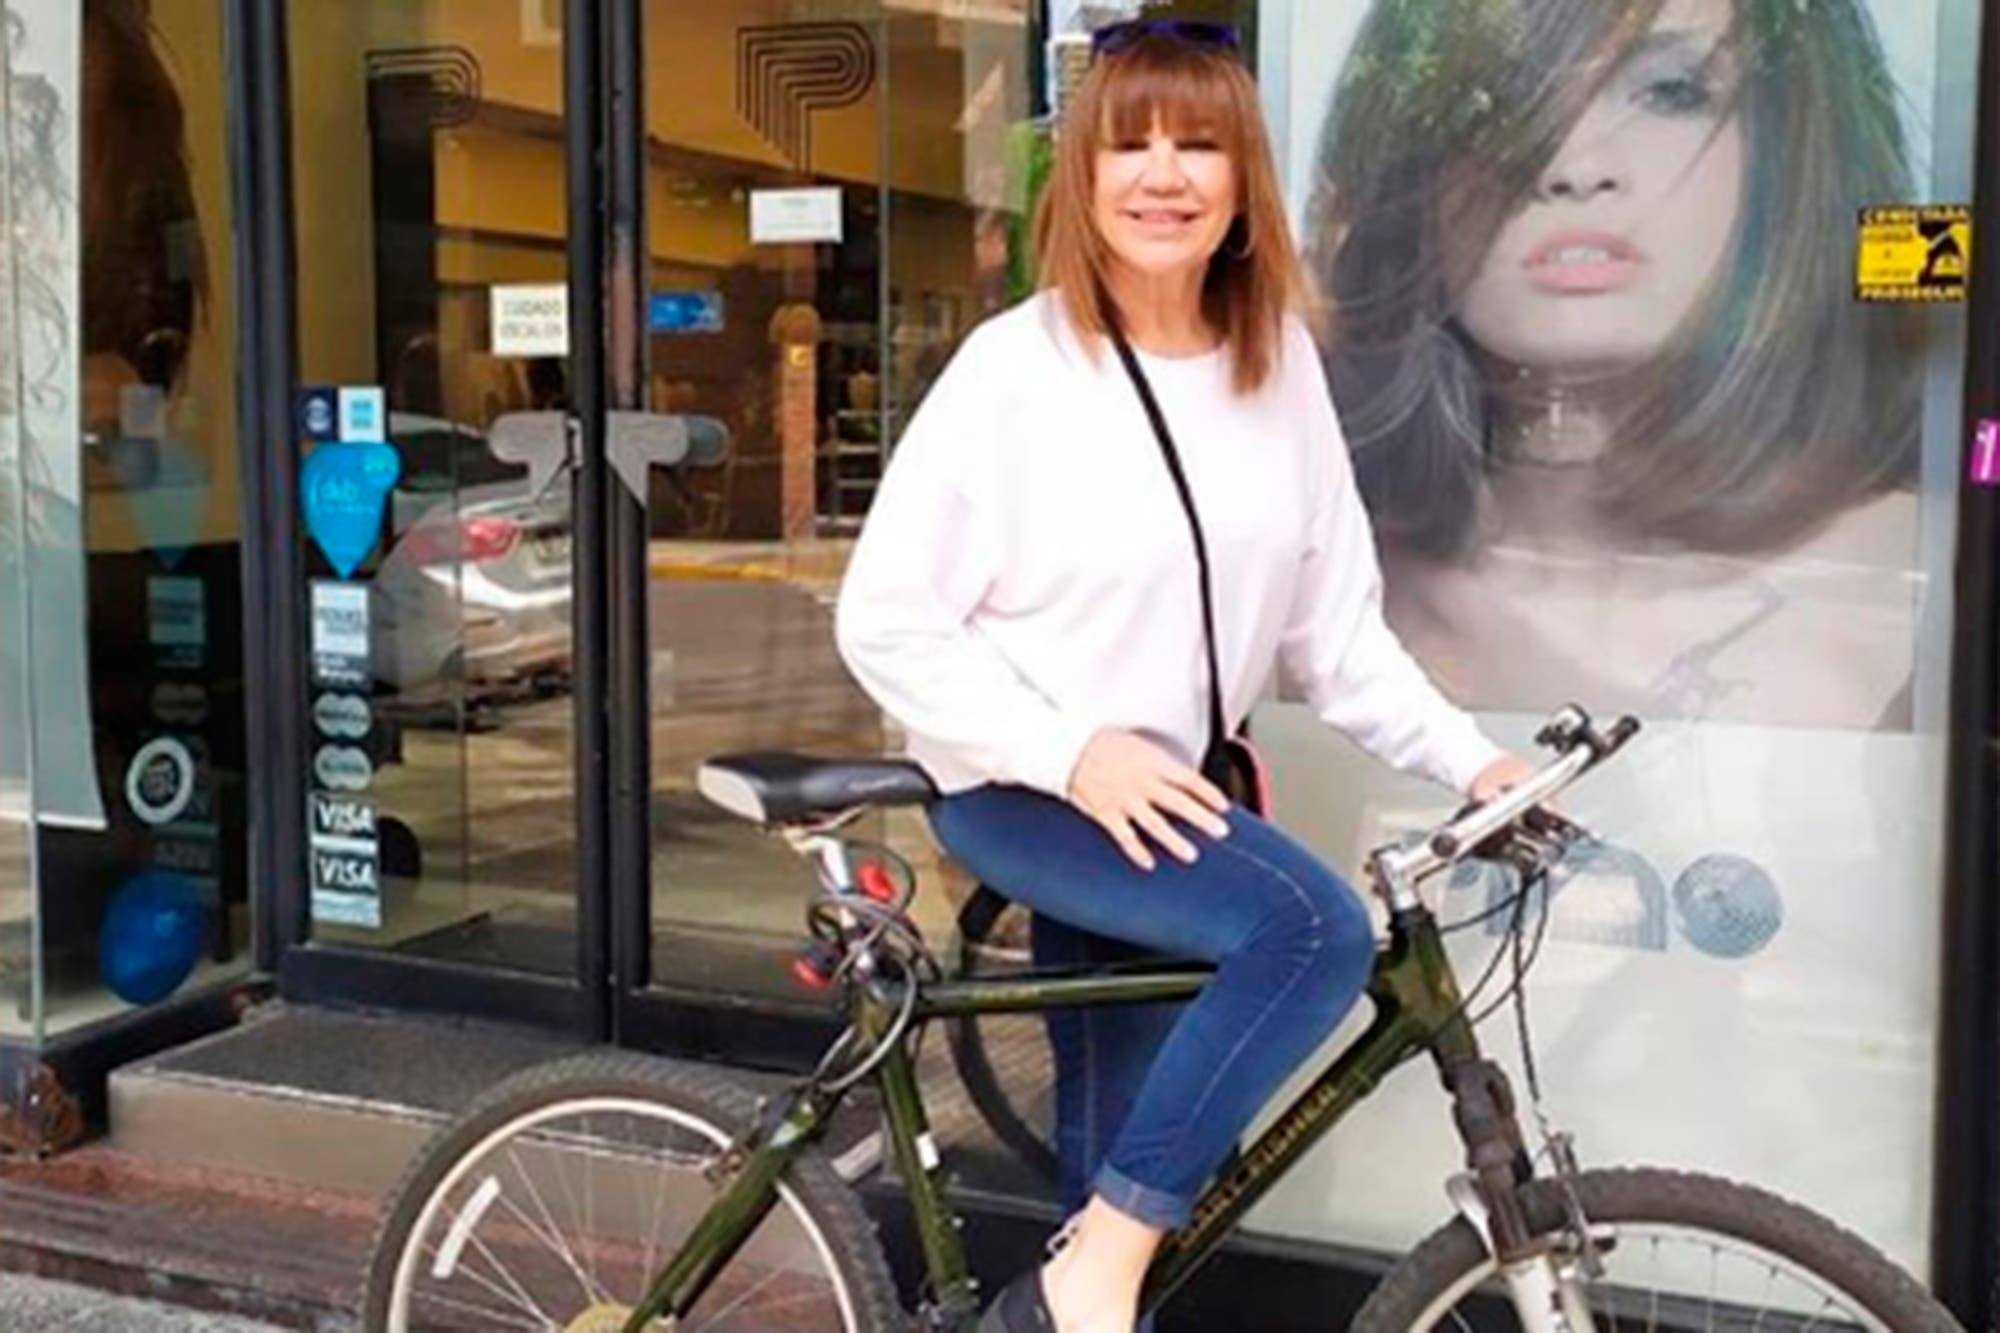 Mora Furtado fue atropellada por un auto mientras andaba en bicicleta